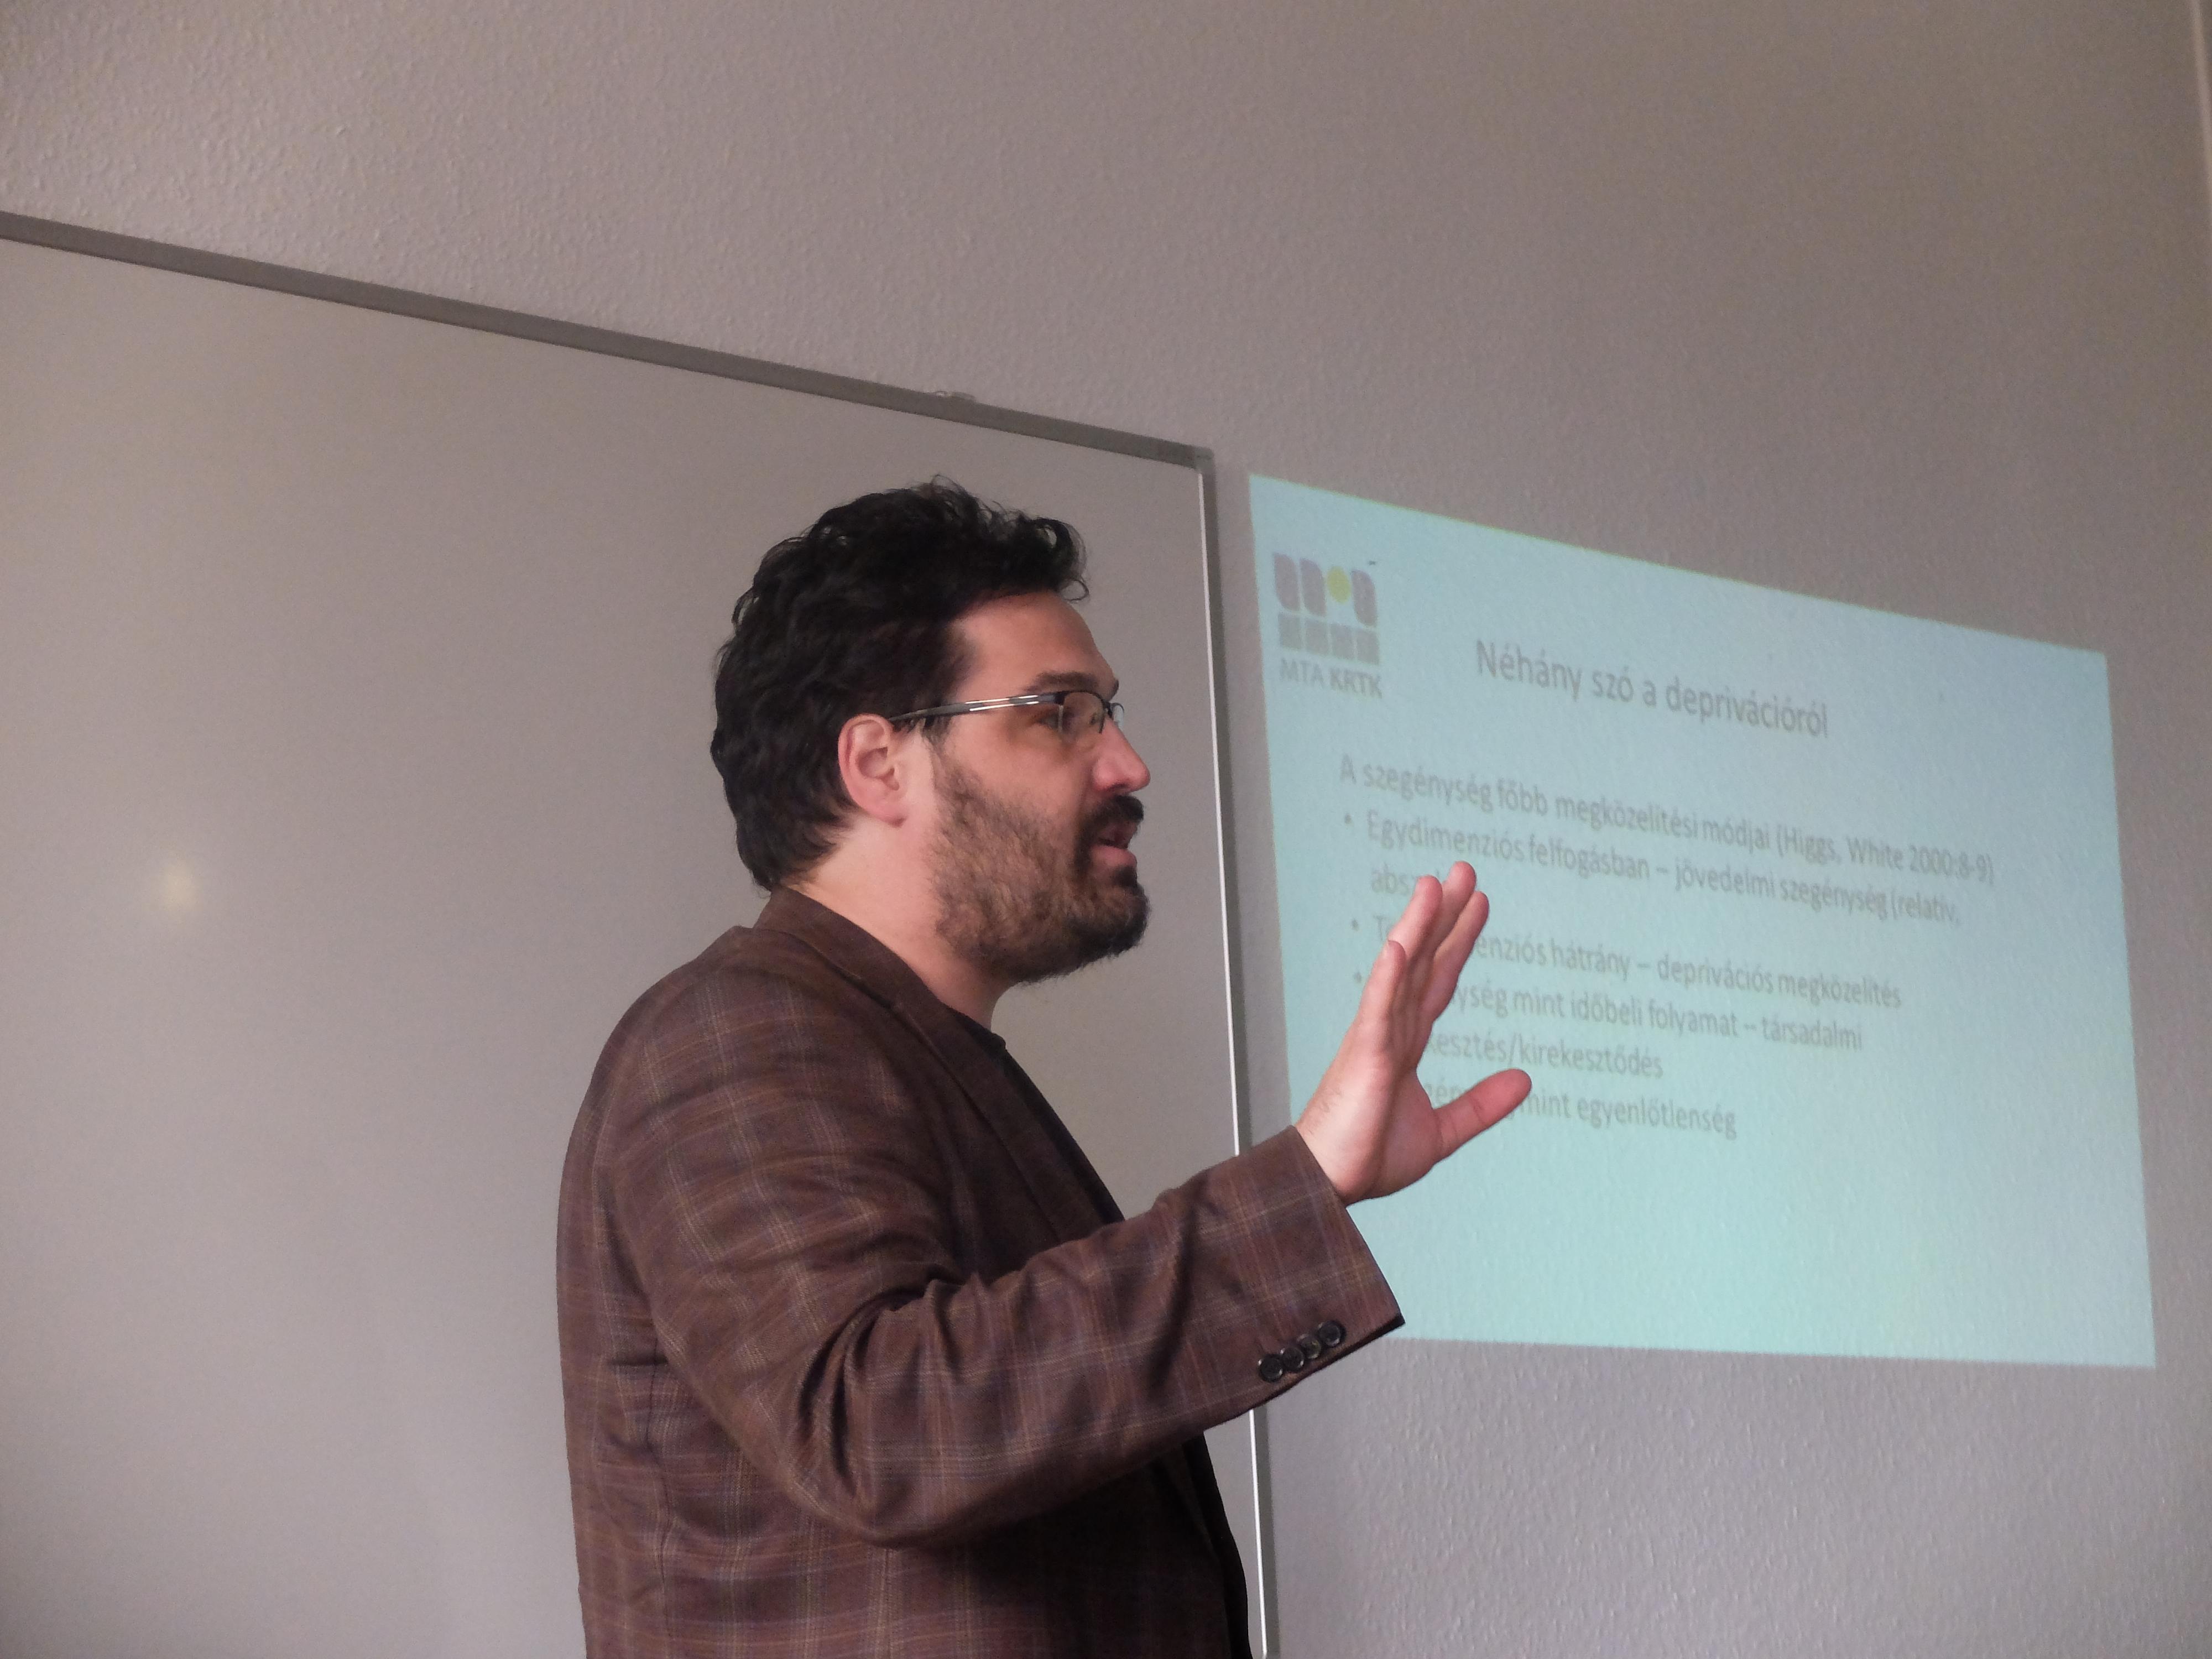 Koós Bálint előadása a Magyar Regionális Tudományi Társaság XIII. Vándorgyűlésén, Egerben, 2015. november 20-án